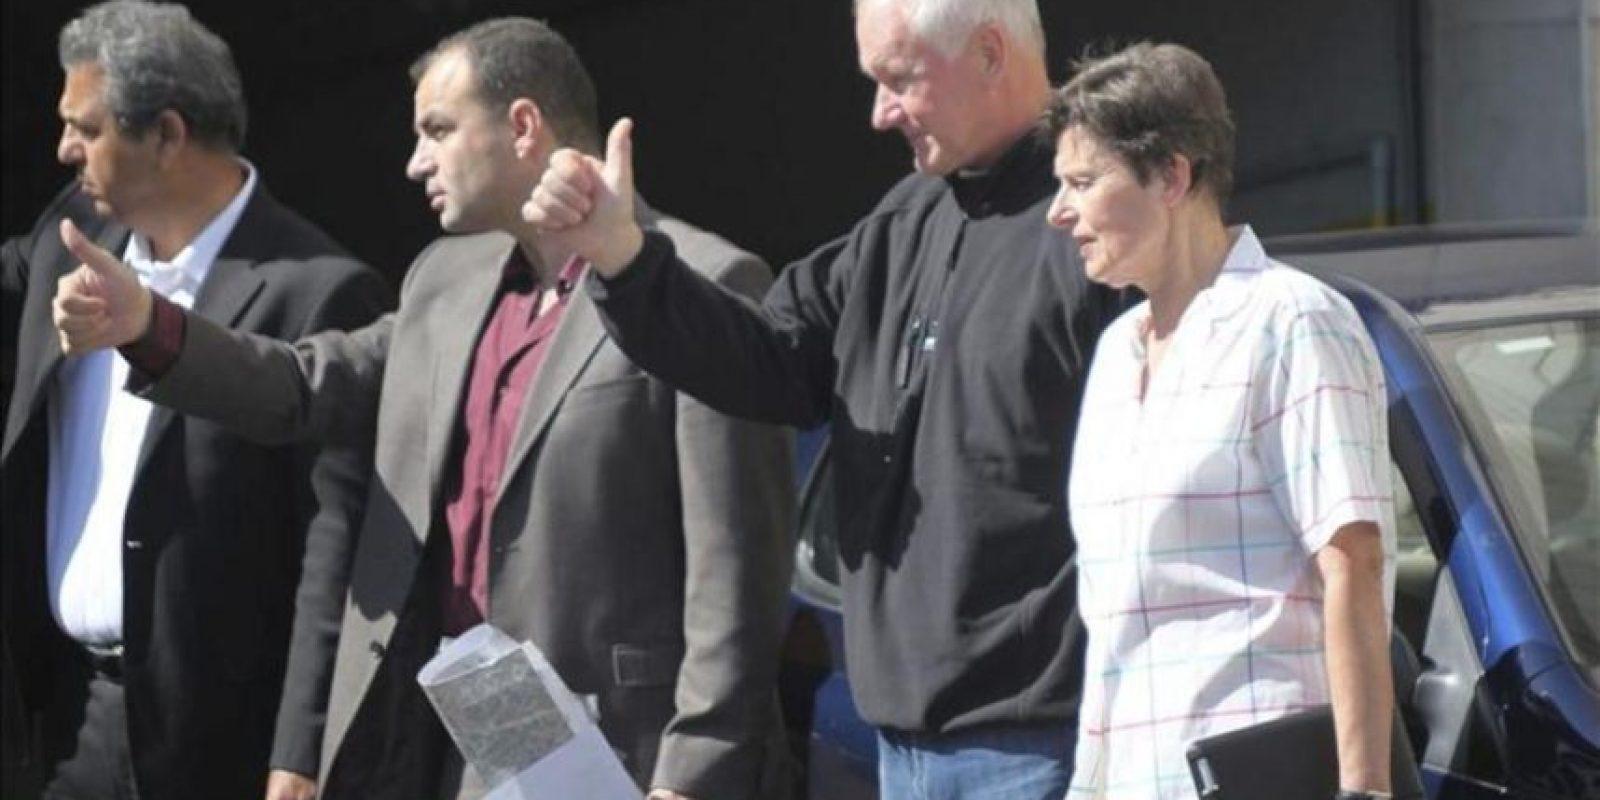 El jefe del equipo de inspectores de Naciones Unidas (ONU), Ake Sellstrom (2-d), y la alta representante de Naciones Unidas para Asuntos de Desarme, Angela Kane (d), saludan al equipo de investigadores a su salida del hotel Four Seasons de Damasco (Siria) hoy miércoles 28 de agosto 2013. EFE